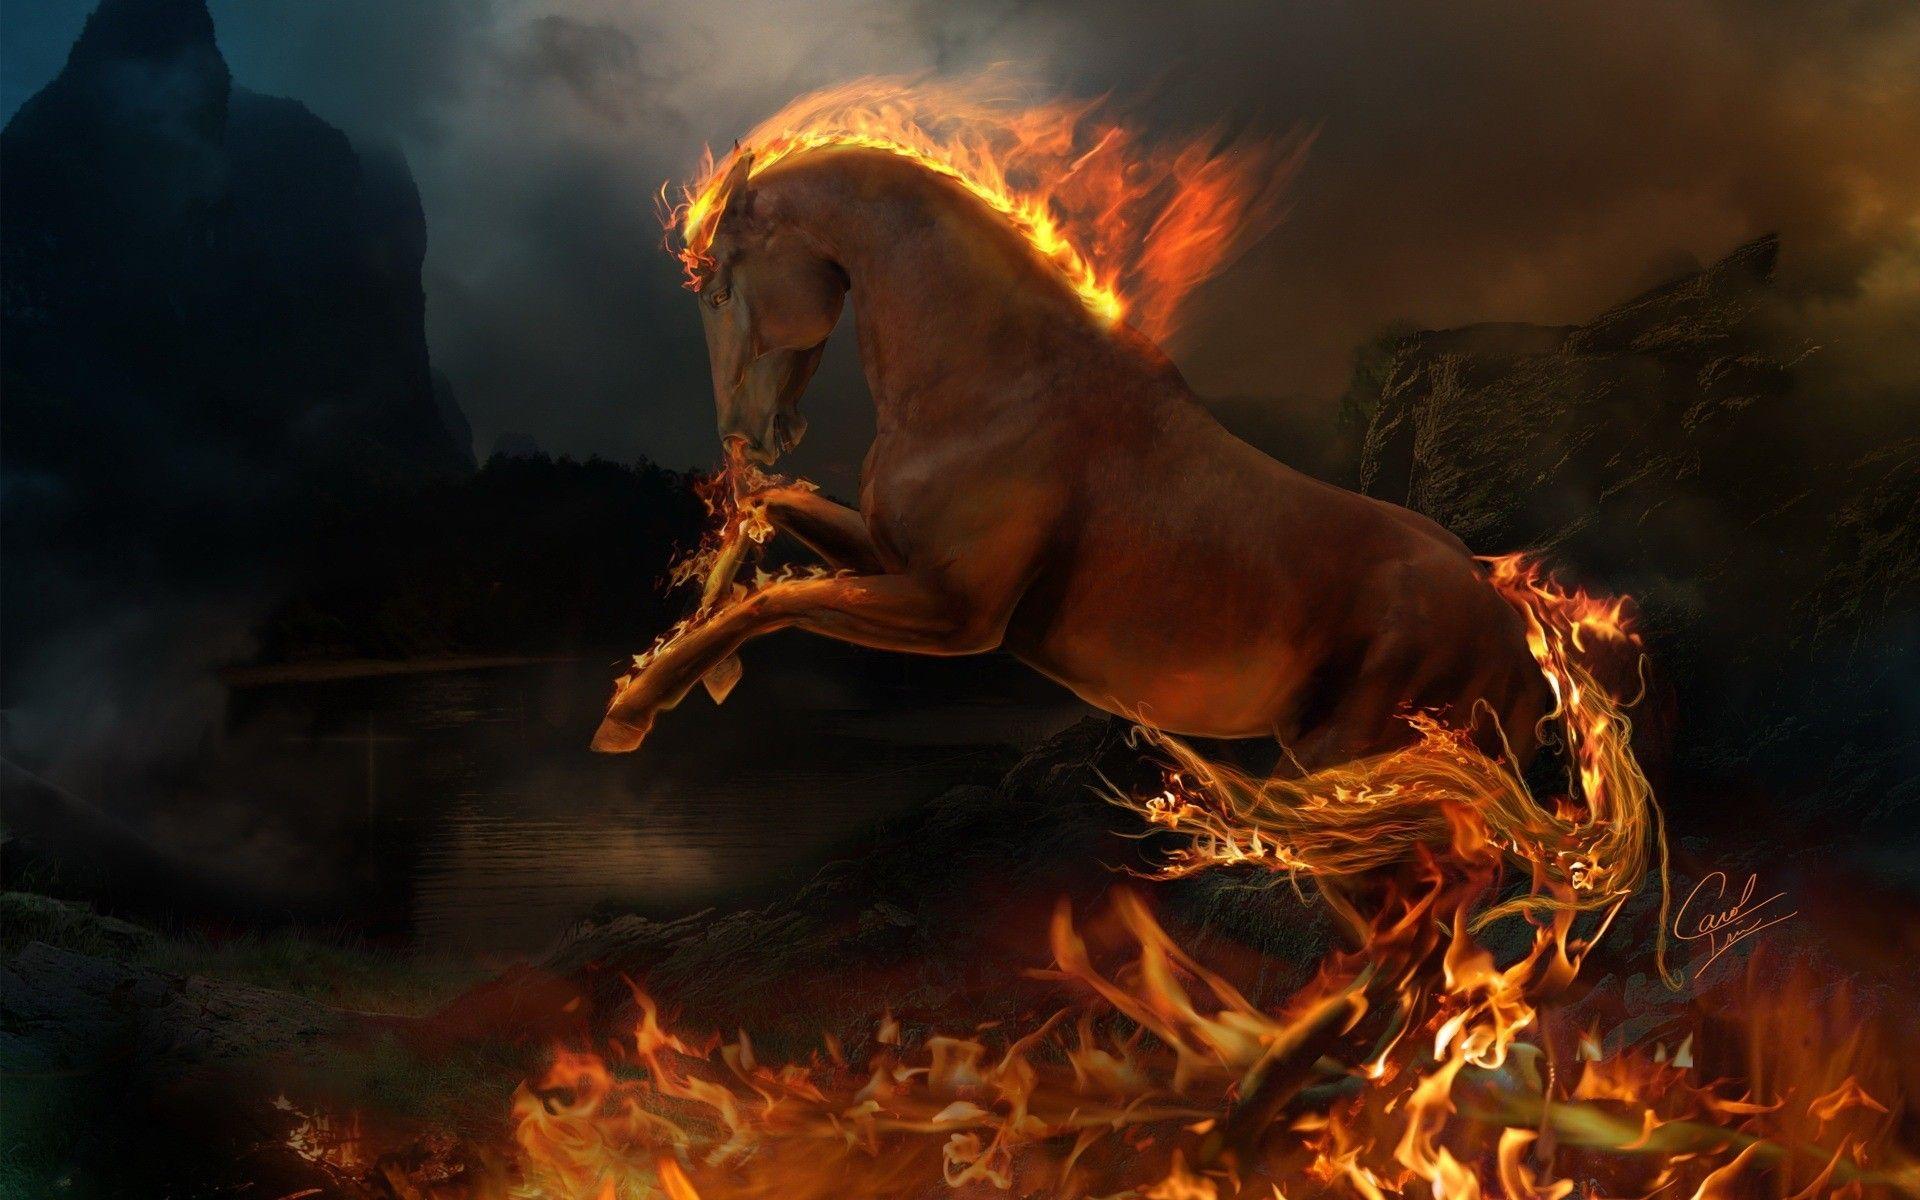 Herunterladen Wallpaper flamme, feuer, tier, pferd